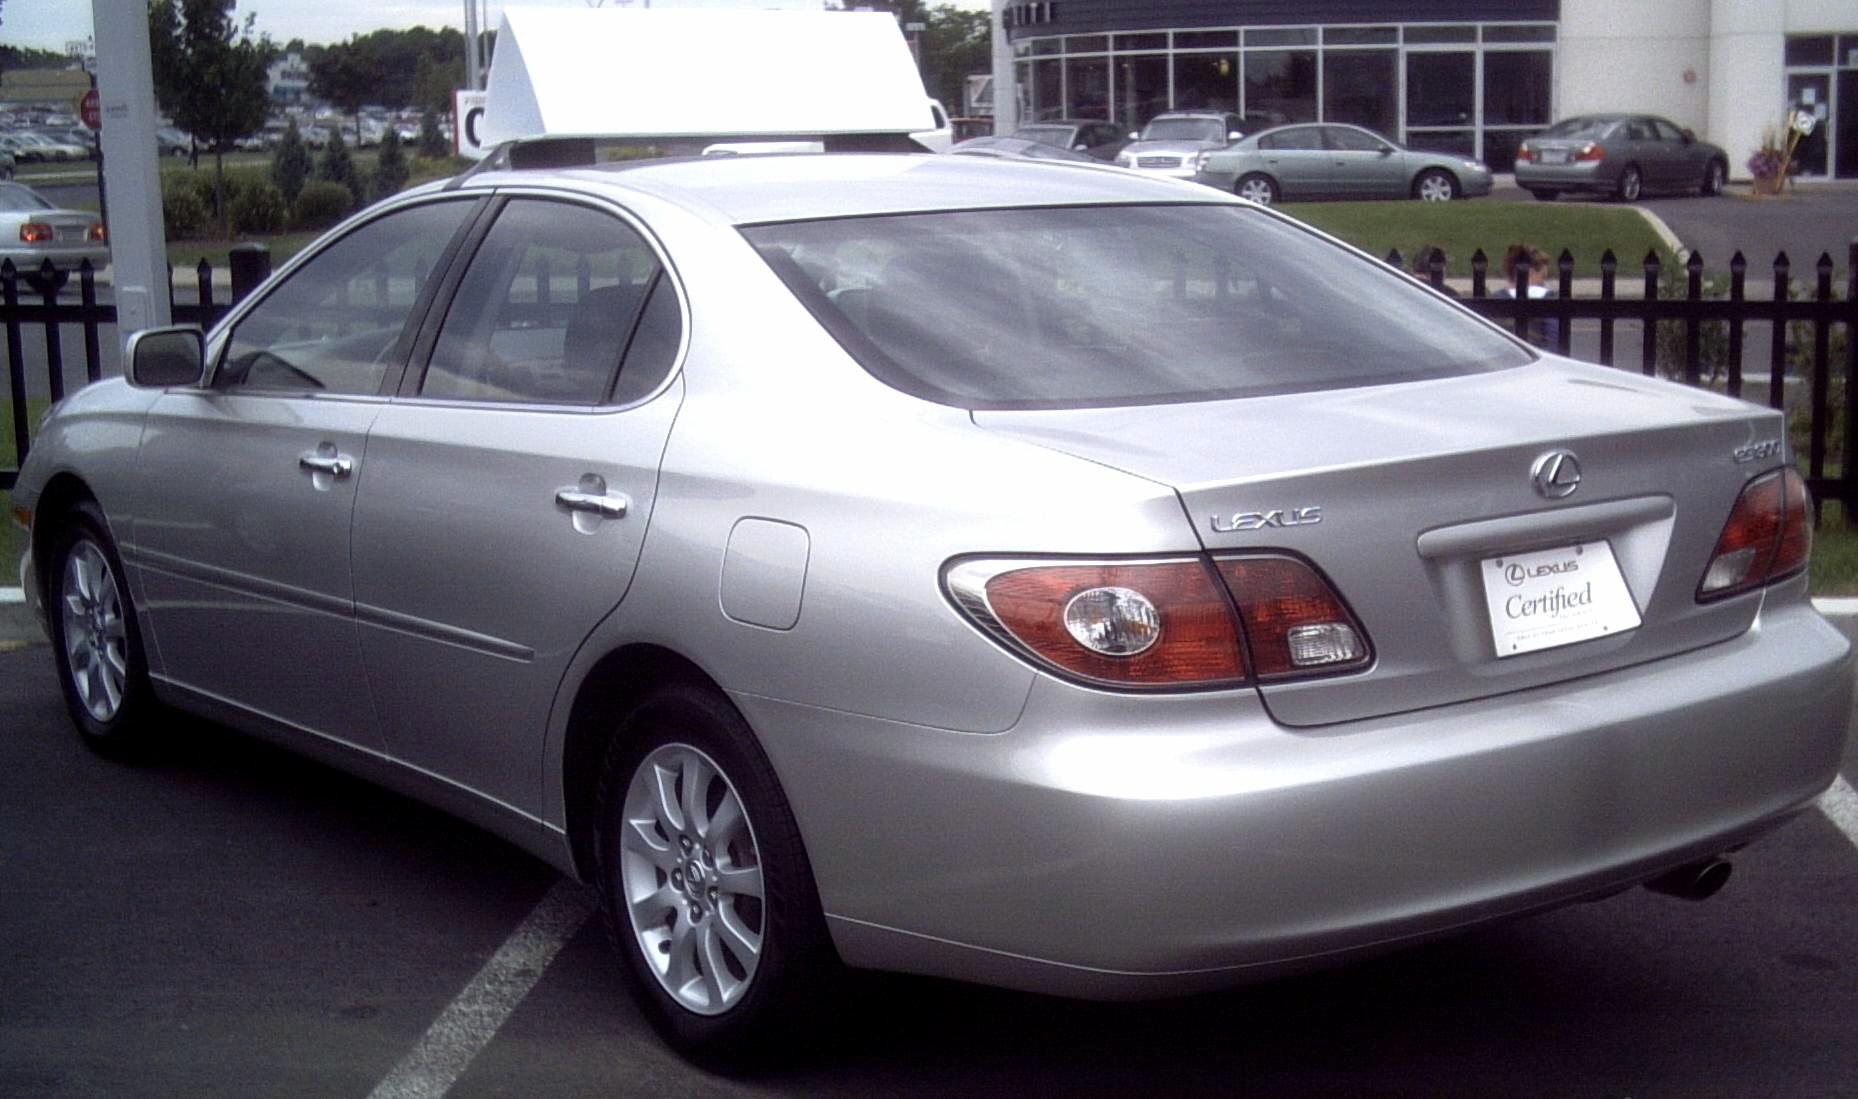 2002 Lexus ES 300 #5 Lexus ES 300 #5